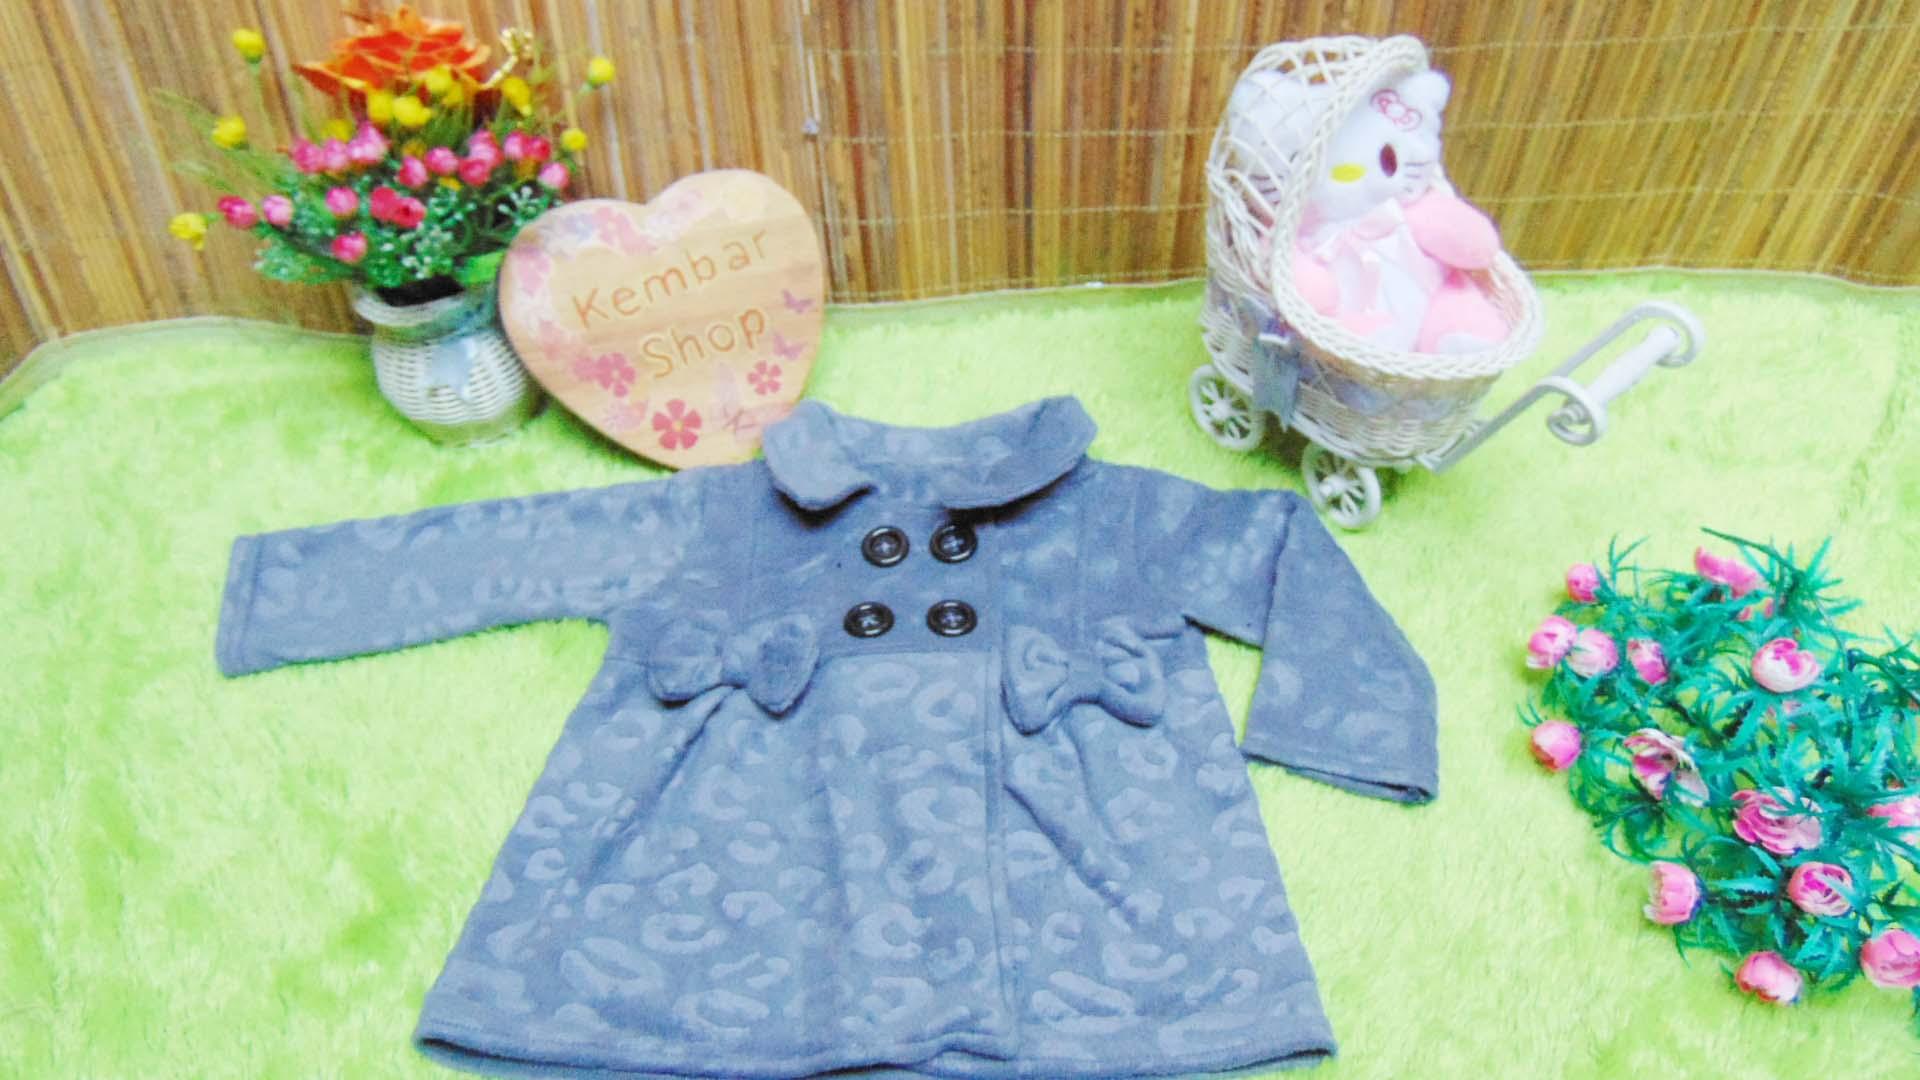 jaket bayi blazer baby mantel bayi hangat lembut 0-18bulan motif abu emboss (2)